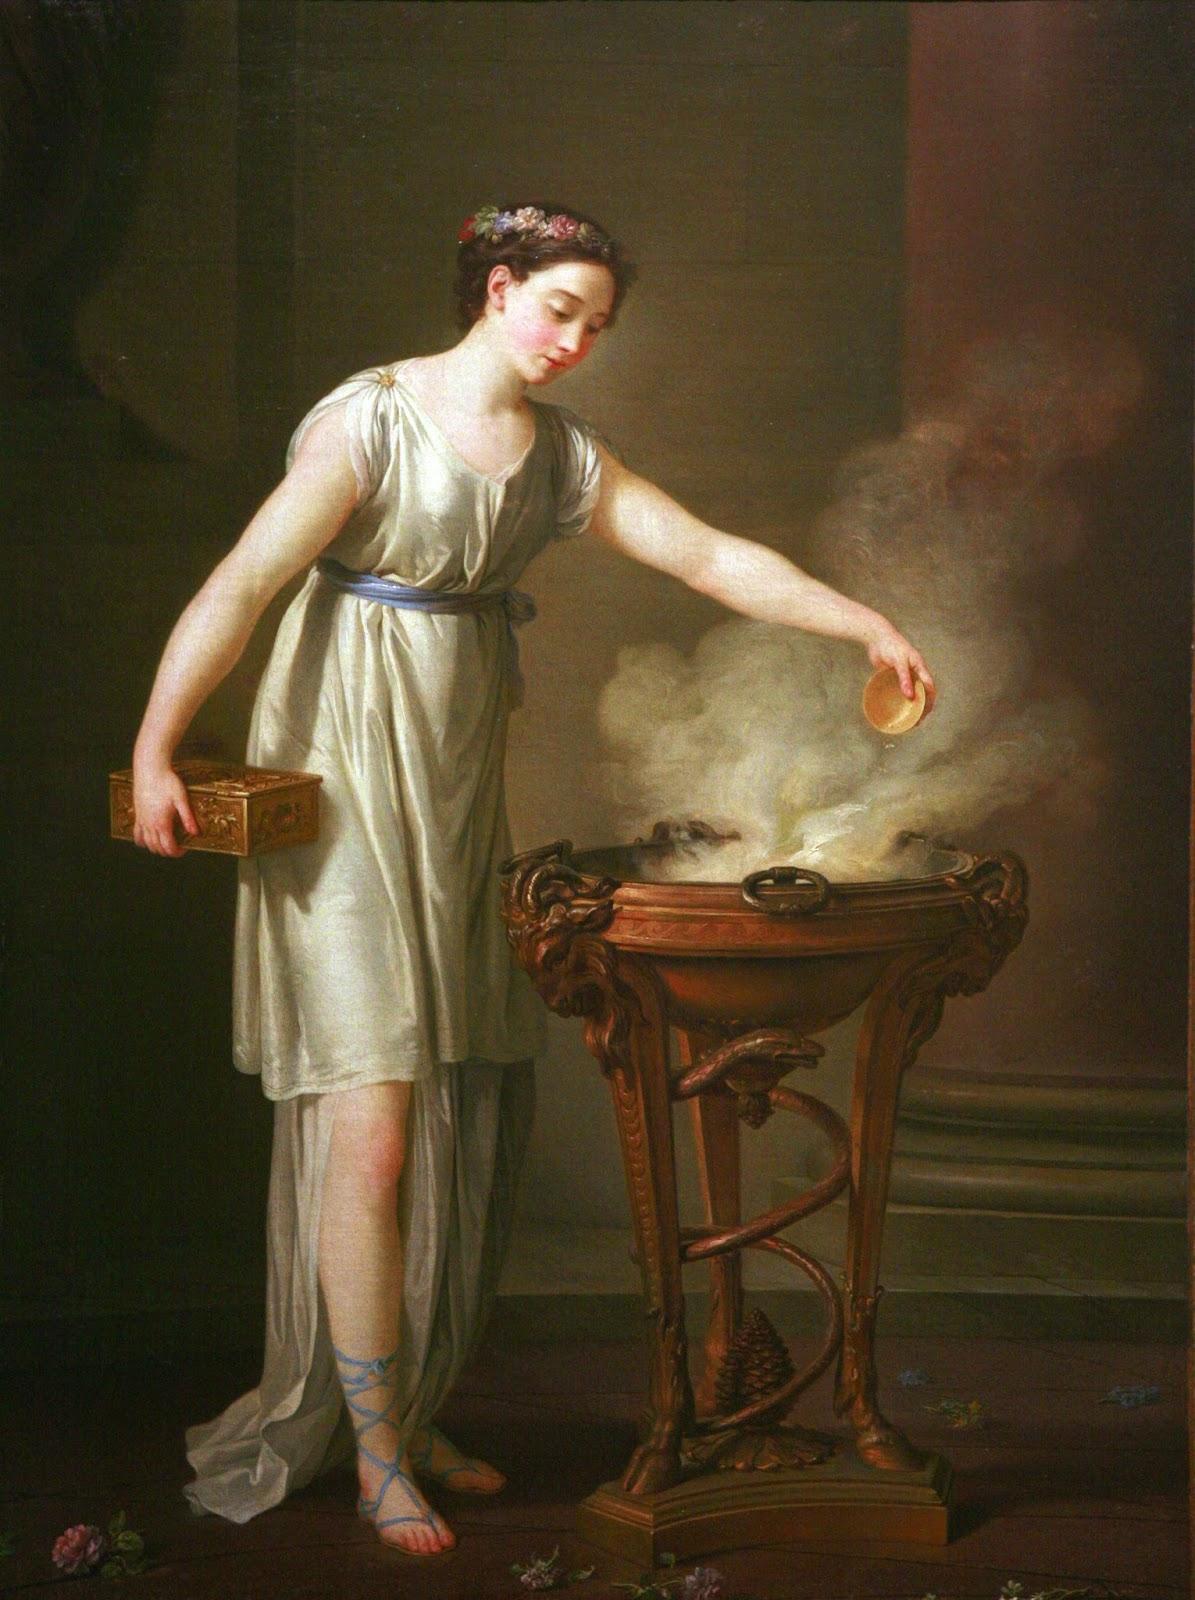 Joseph-Marie Vien (1716-1809), Une prêtresse brûle de l'encens sur un trépied, dite La Vertueuse Athénienne.